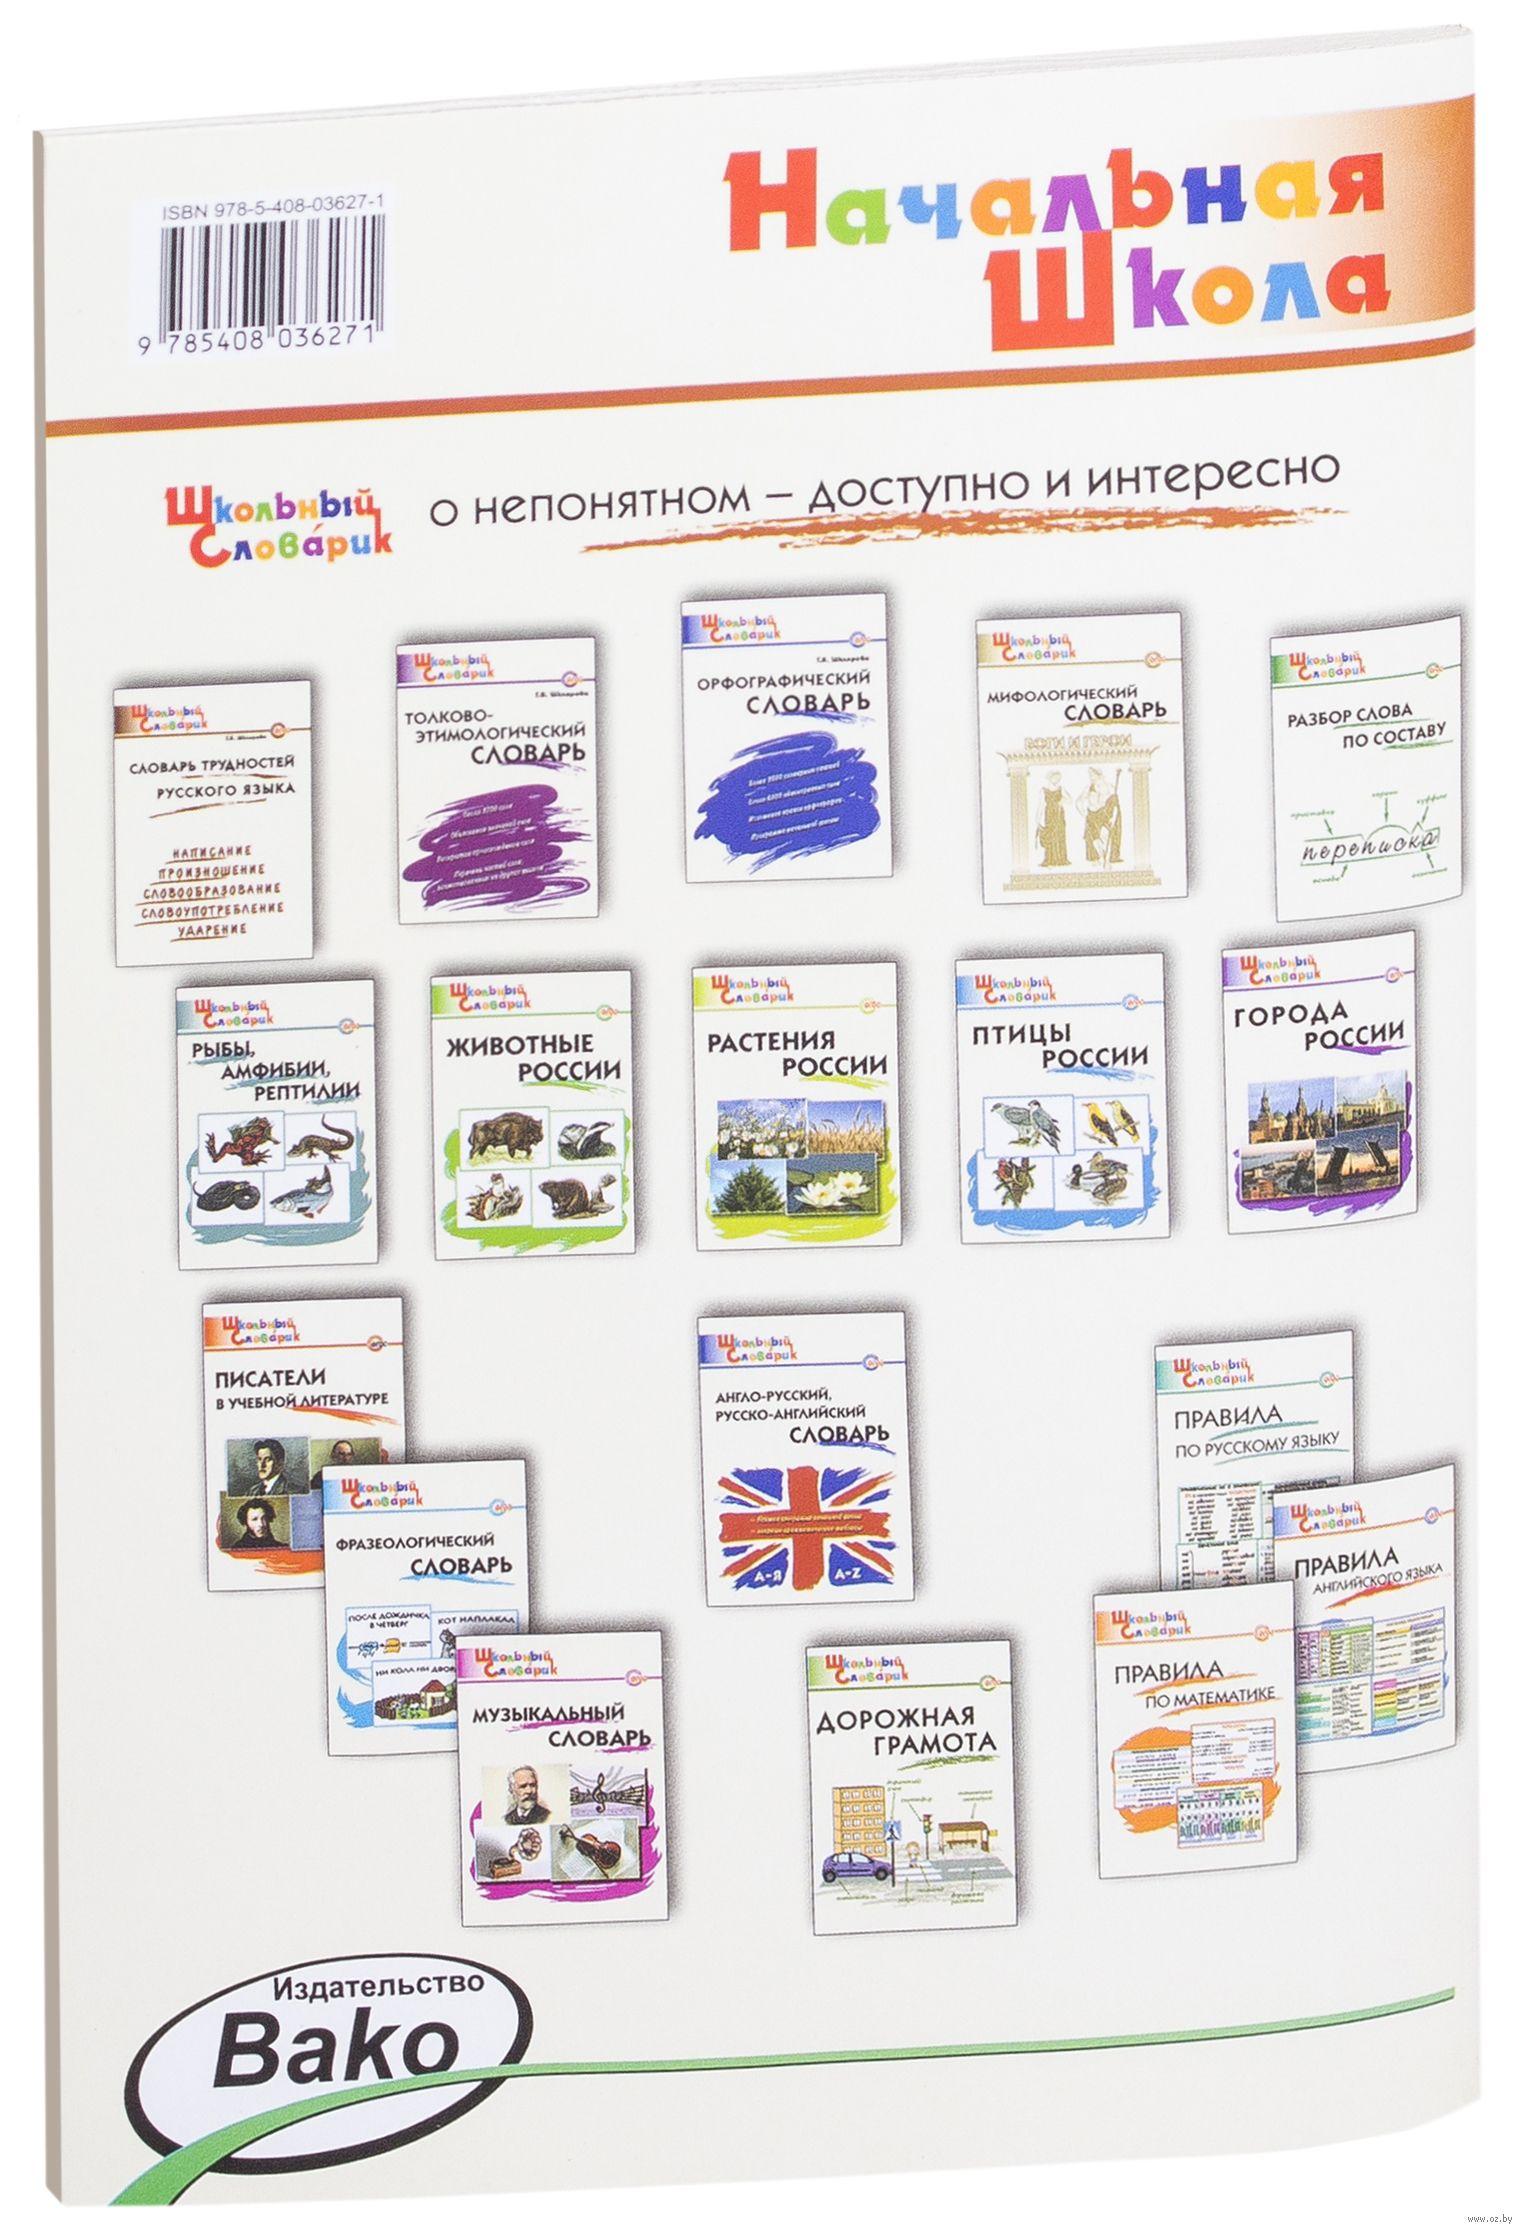 пословицы о книгах на английском языке